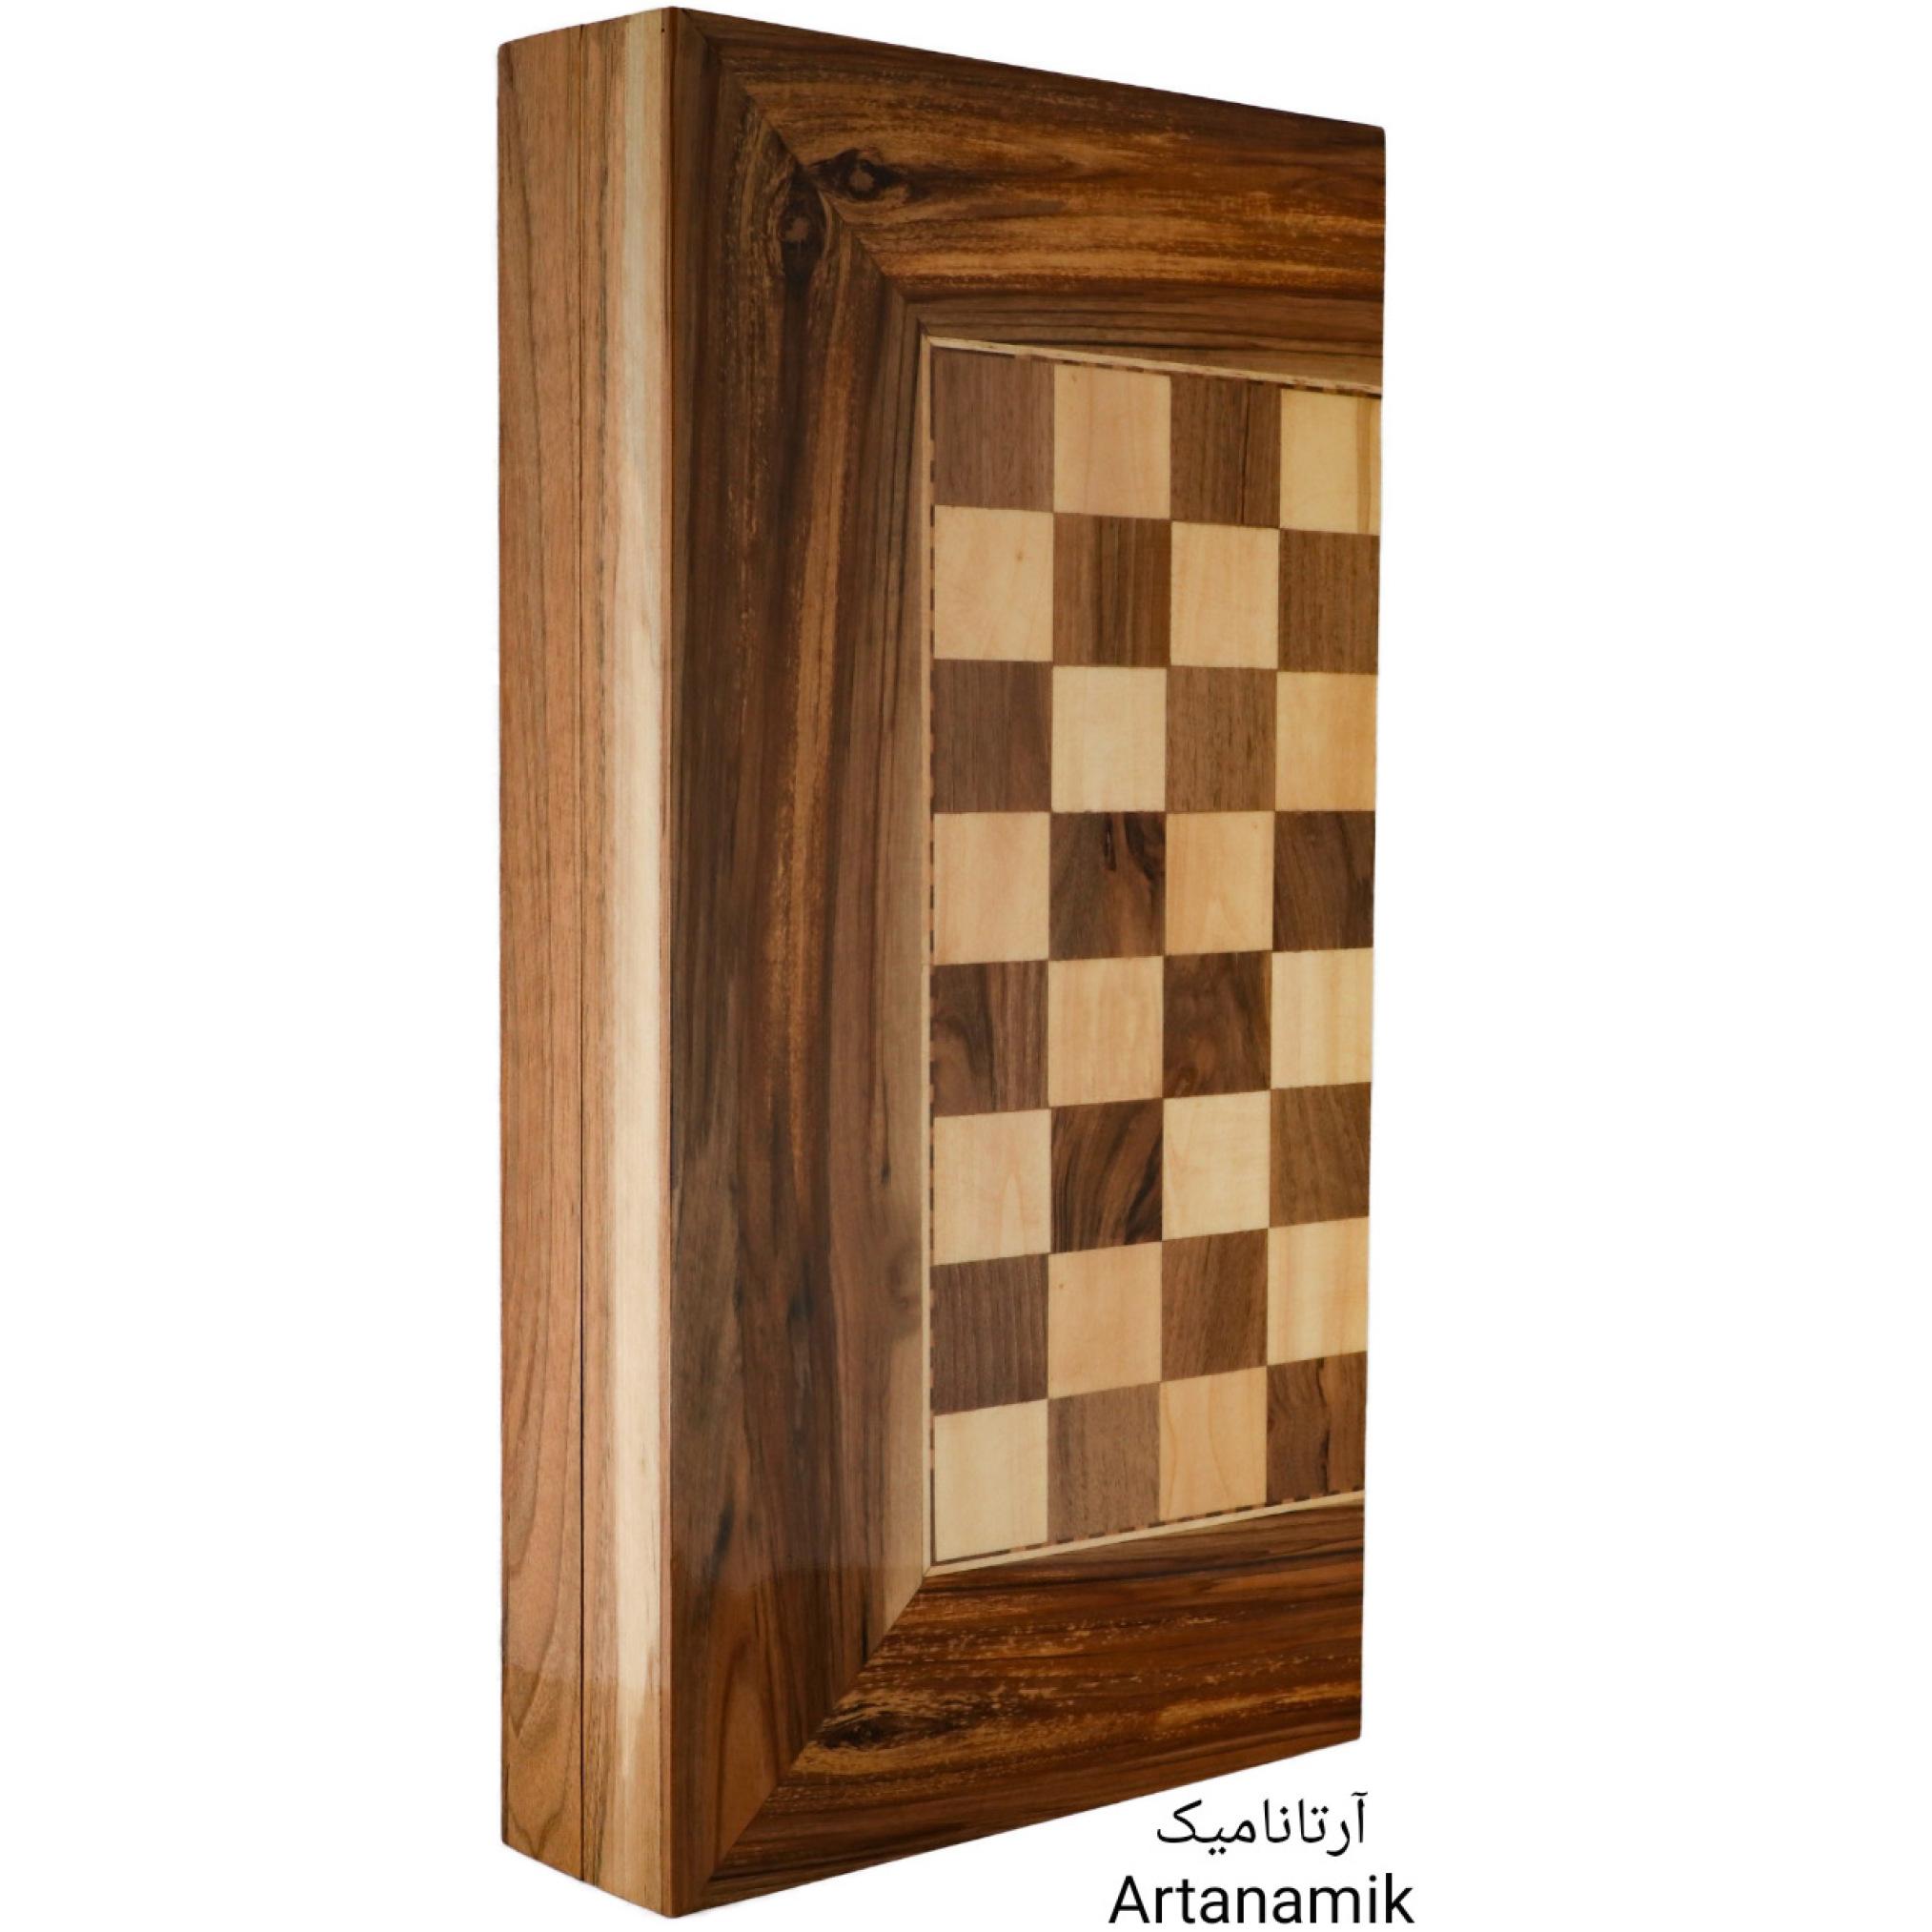 تخته نرد و شطرنج چوب گردو، تخته نرد کادویی و شطرنج کادویی، تخته نرد نفیس و تخته نرد چوبی